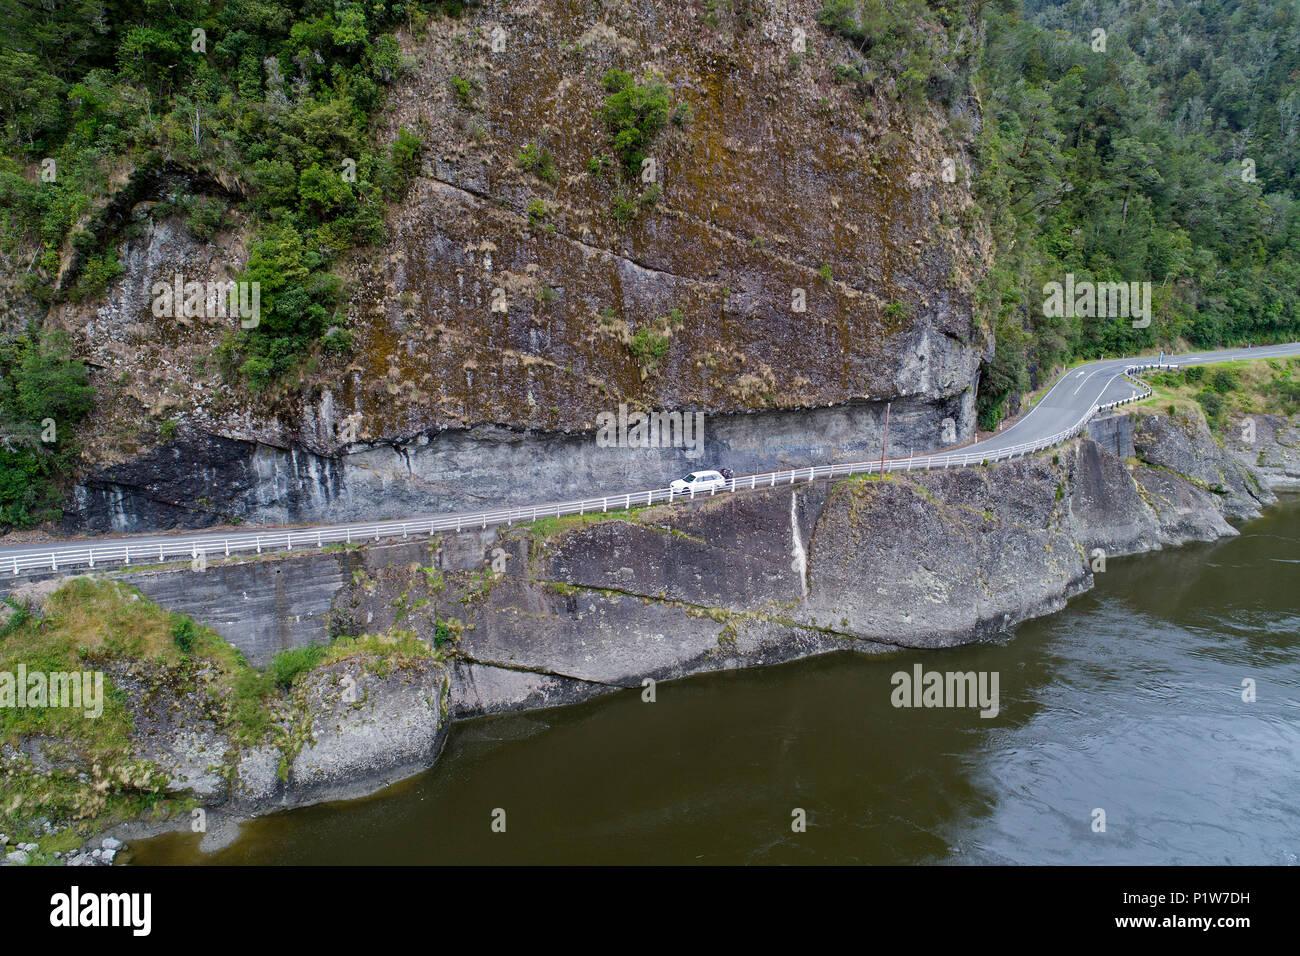 Falesia di falchi e Buller River, Buller Gorge, Autostrada statale 6 vicino a Westport, Costa Ovest, South Island, in Nuova Zelanda - antenna fuco Immagini Stock